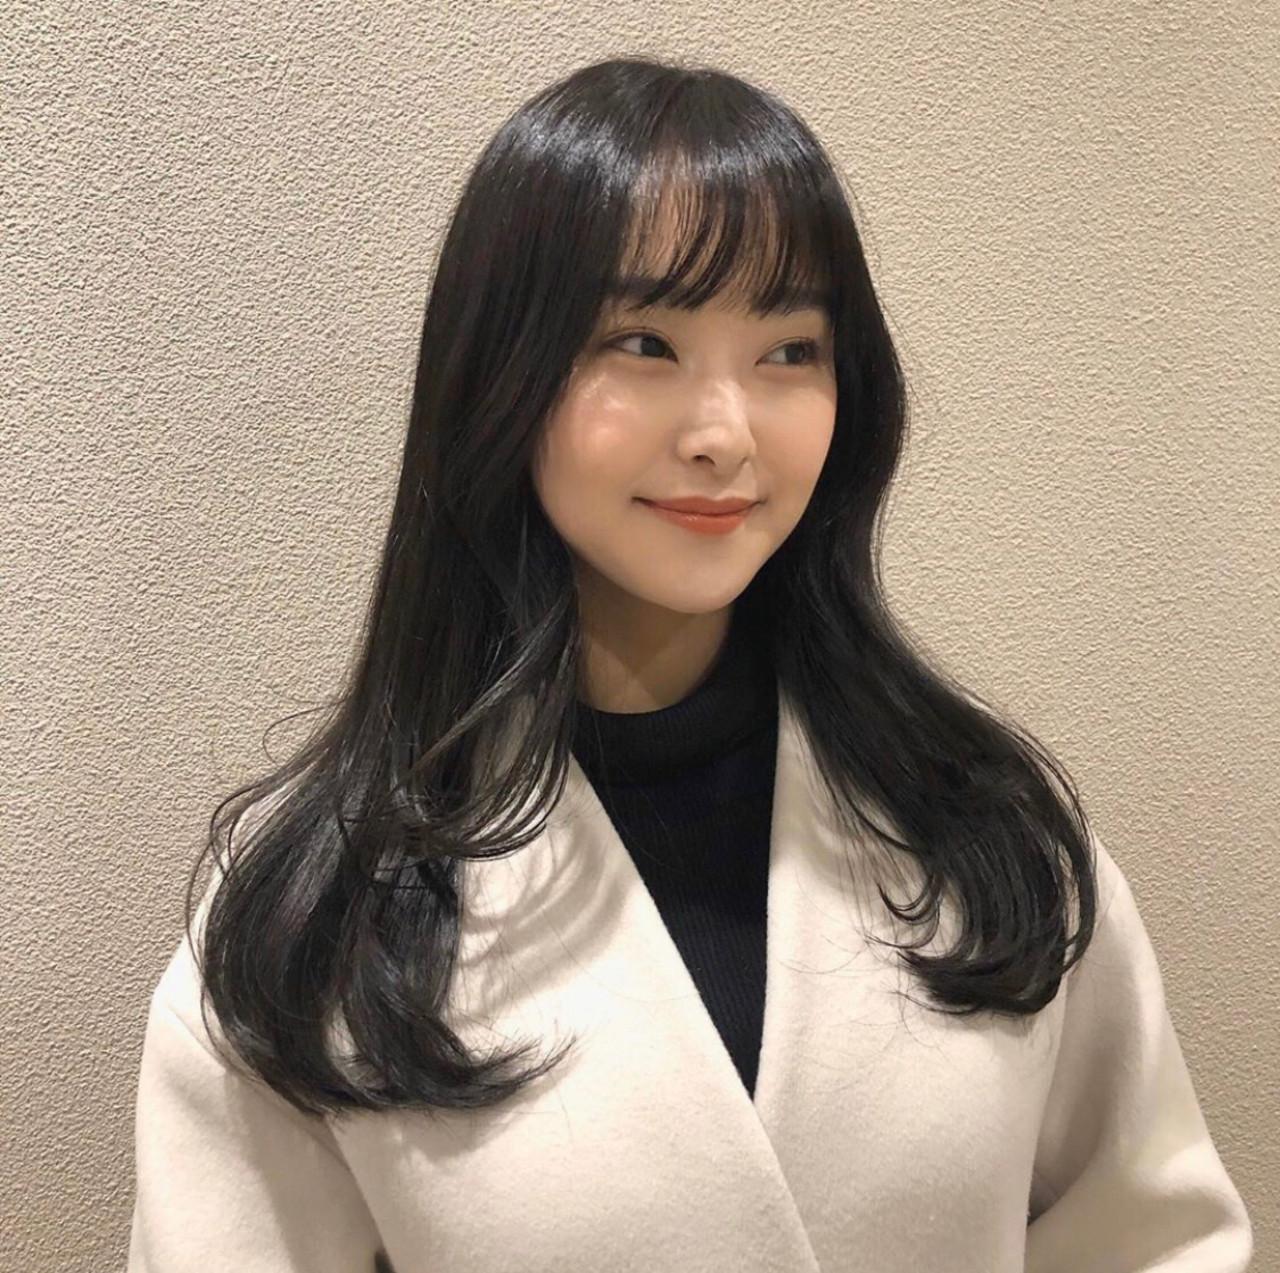 韓国美人みたいな白肌に憧れる♡肌を白く見せてくれるヘアカラー特集